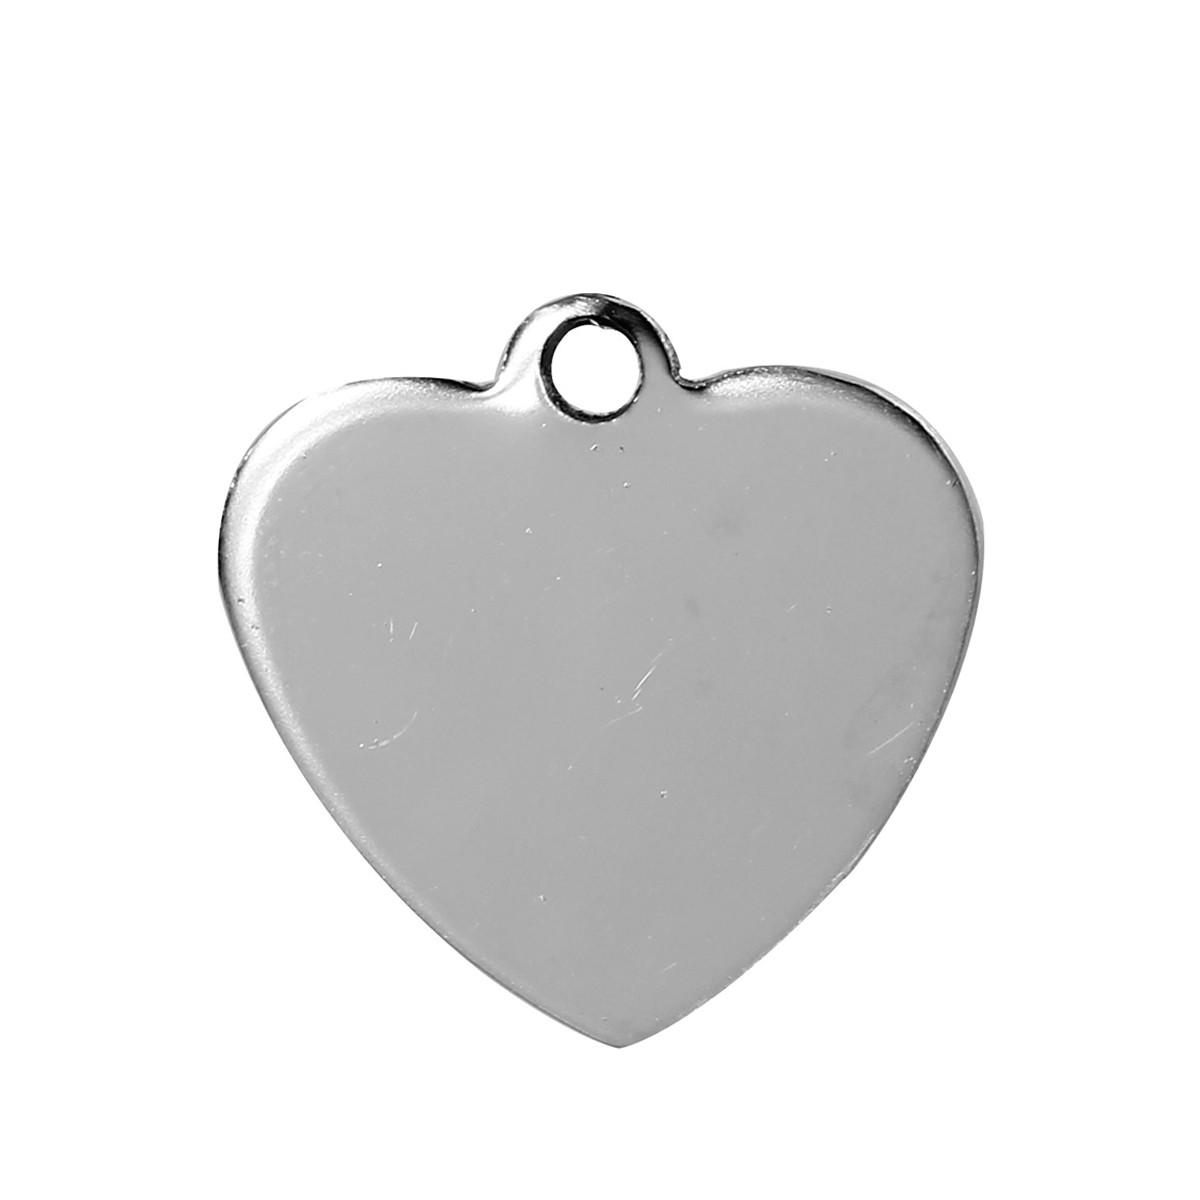 Подвеска Сердце, Нержавеющая сталь, Пустое для гравировки, Штамповка, Серебряный Тон, 20 мм x 20 мм